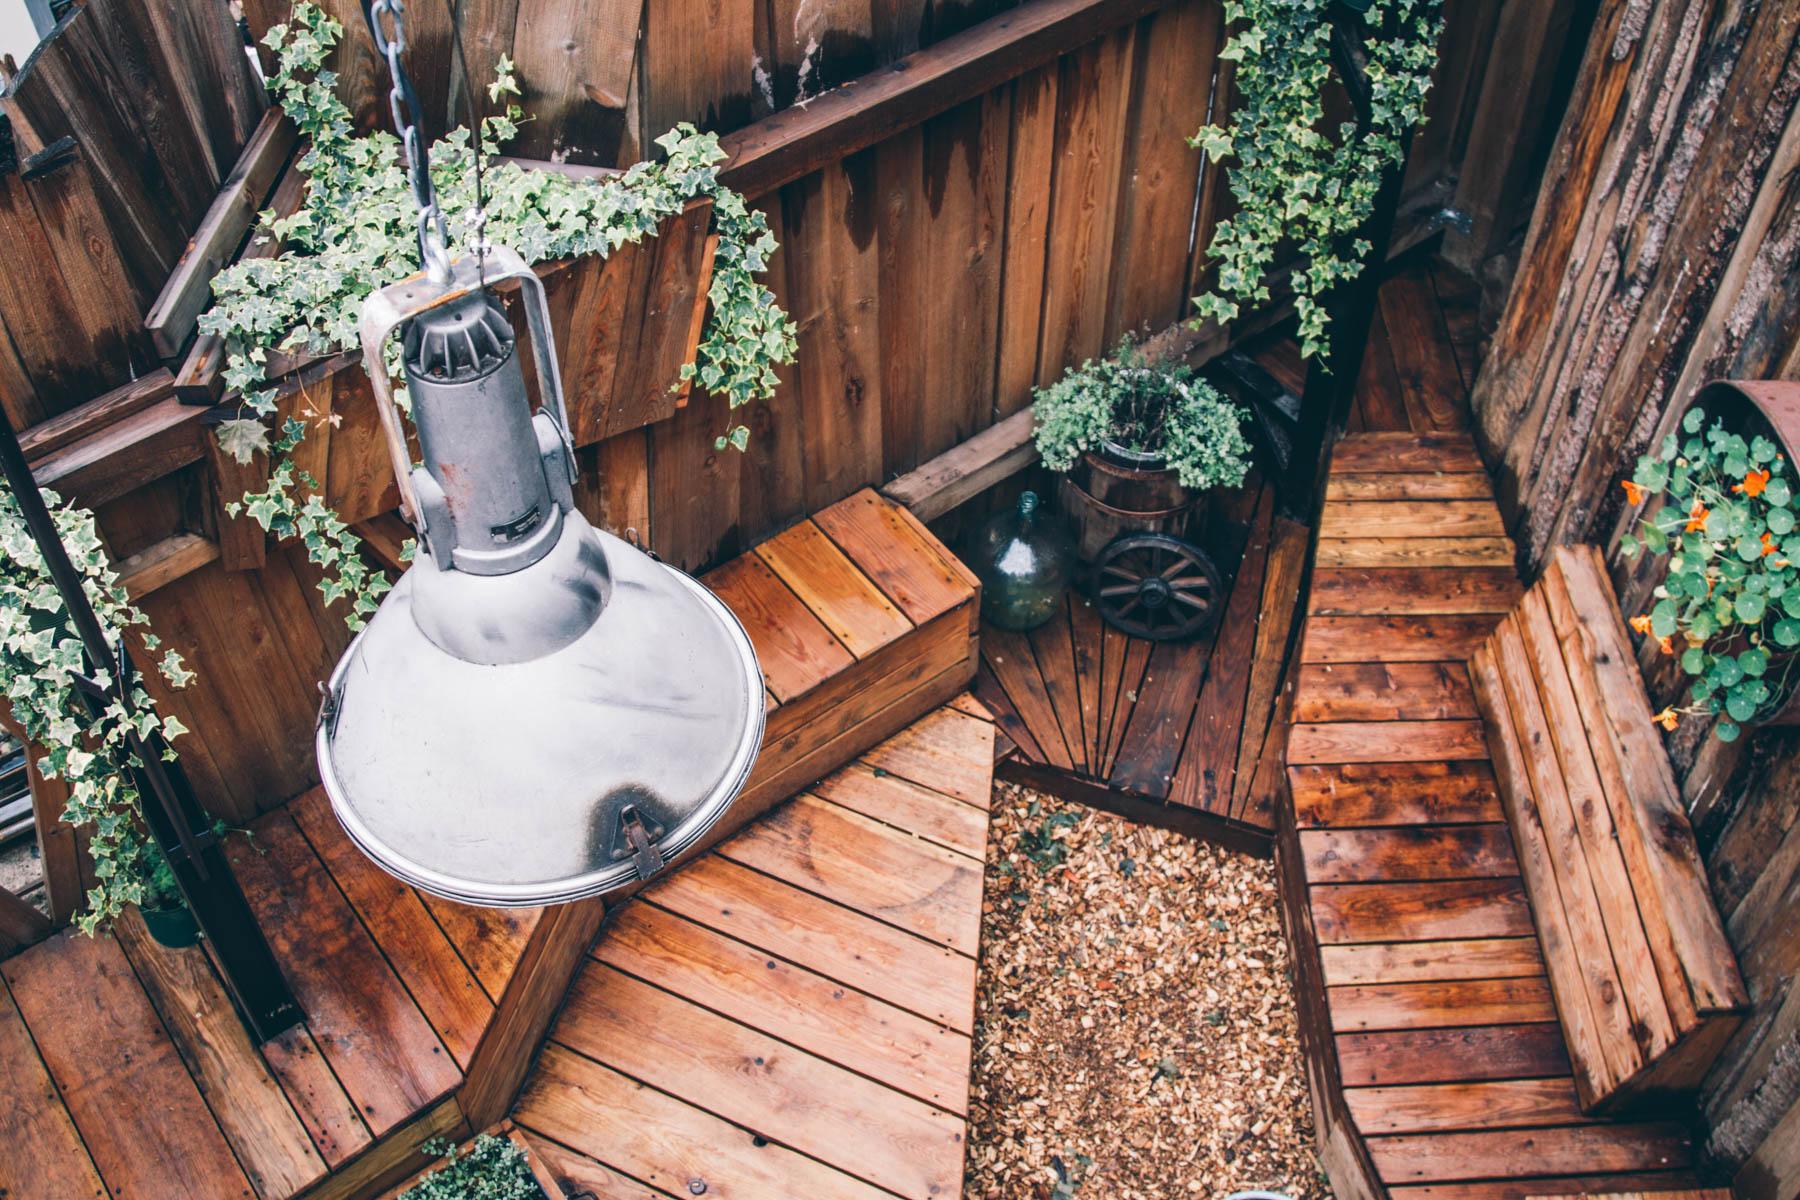 Naturverbundenheit durch nachhaltige Materialien und das innen und außen. – ©wunderland media GmbH